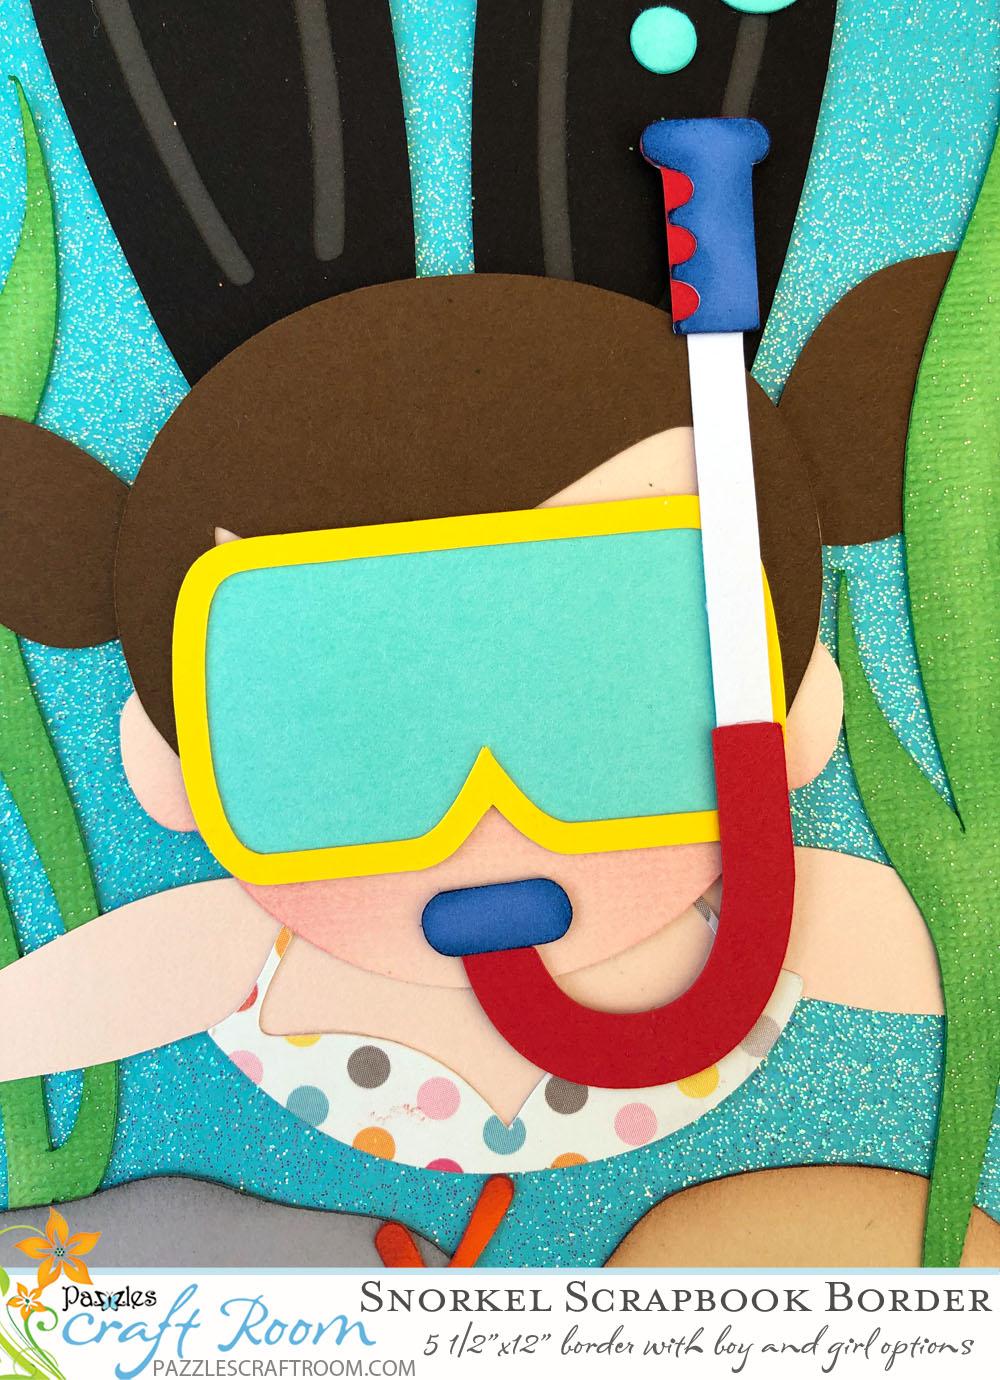 Pazzles DIY Boy or Girl Snorkeling Scrapbook Border by Alma Cervantes